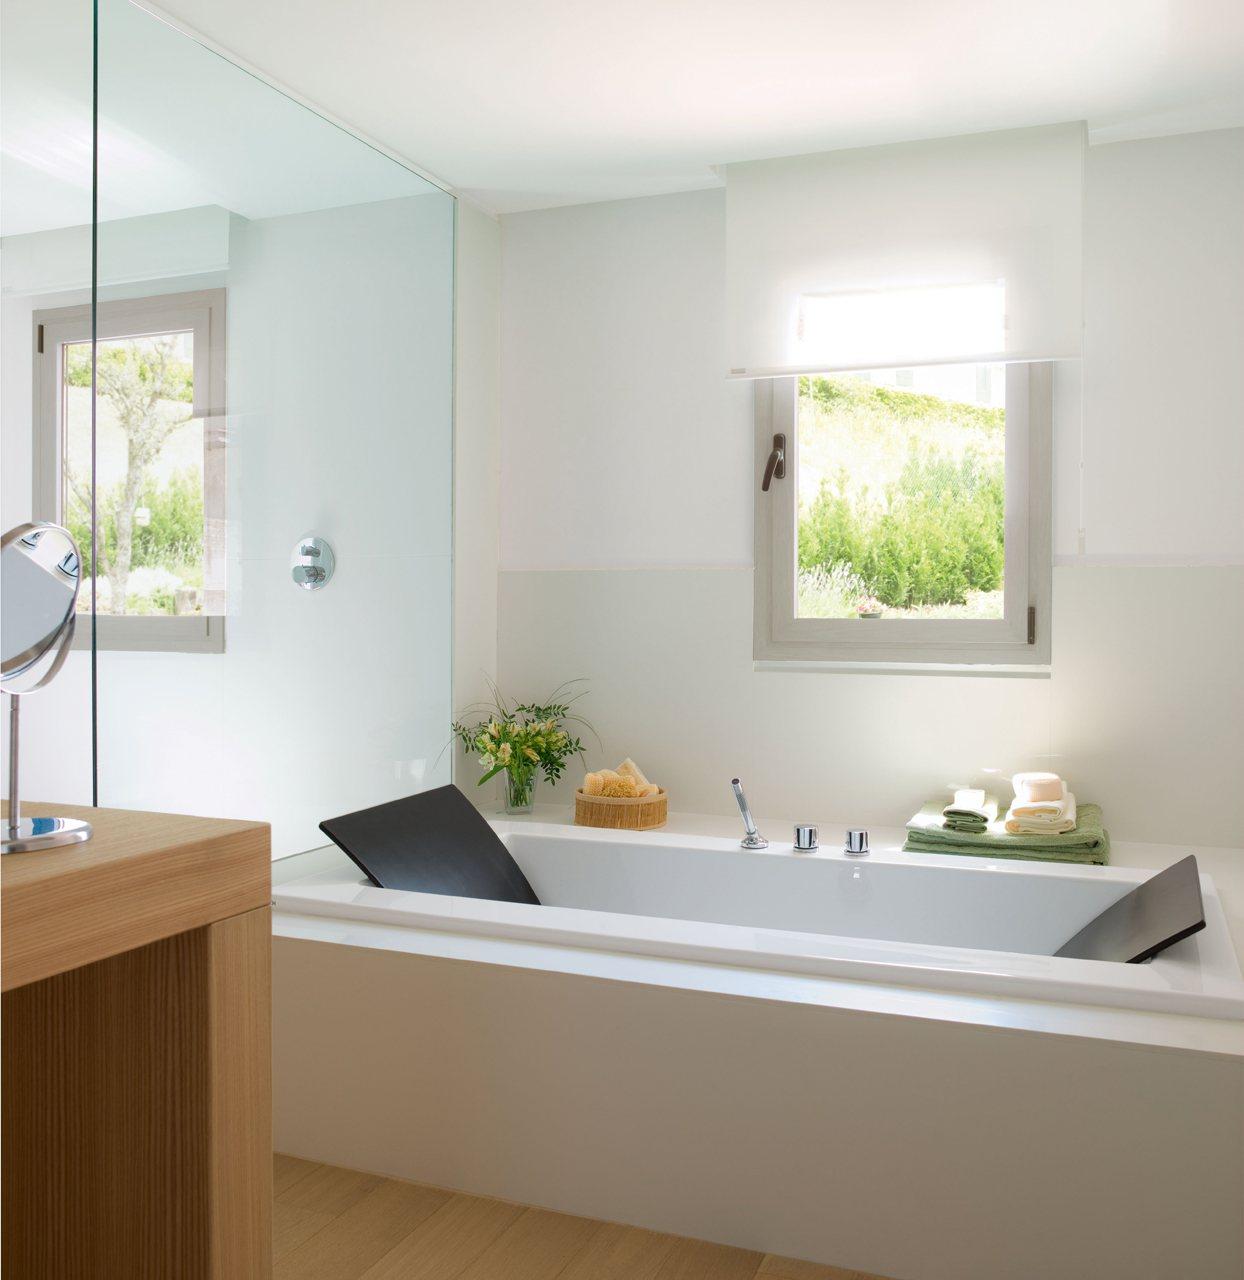 Un ba o luminoso y acogedor en blanco y madera - Banera a medida ...